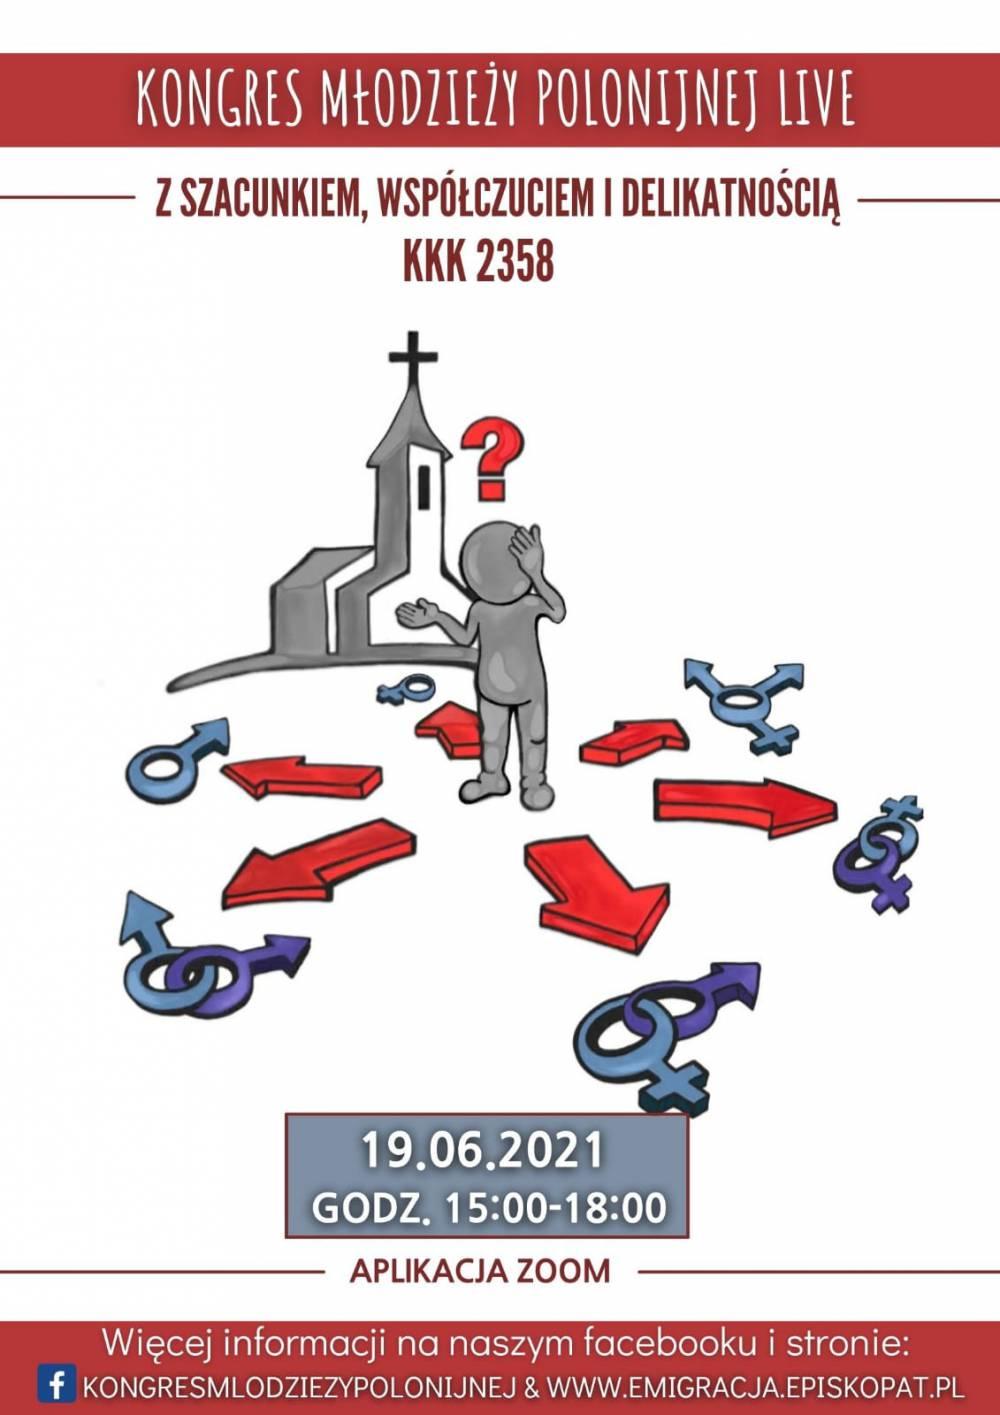 Kongres Młodzieży Polonijnej online, 19.06.21